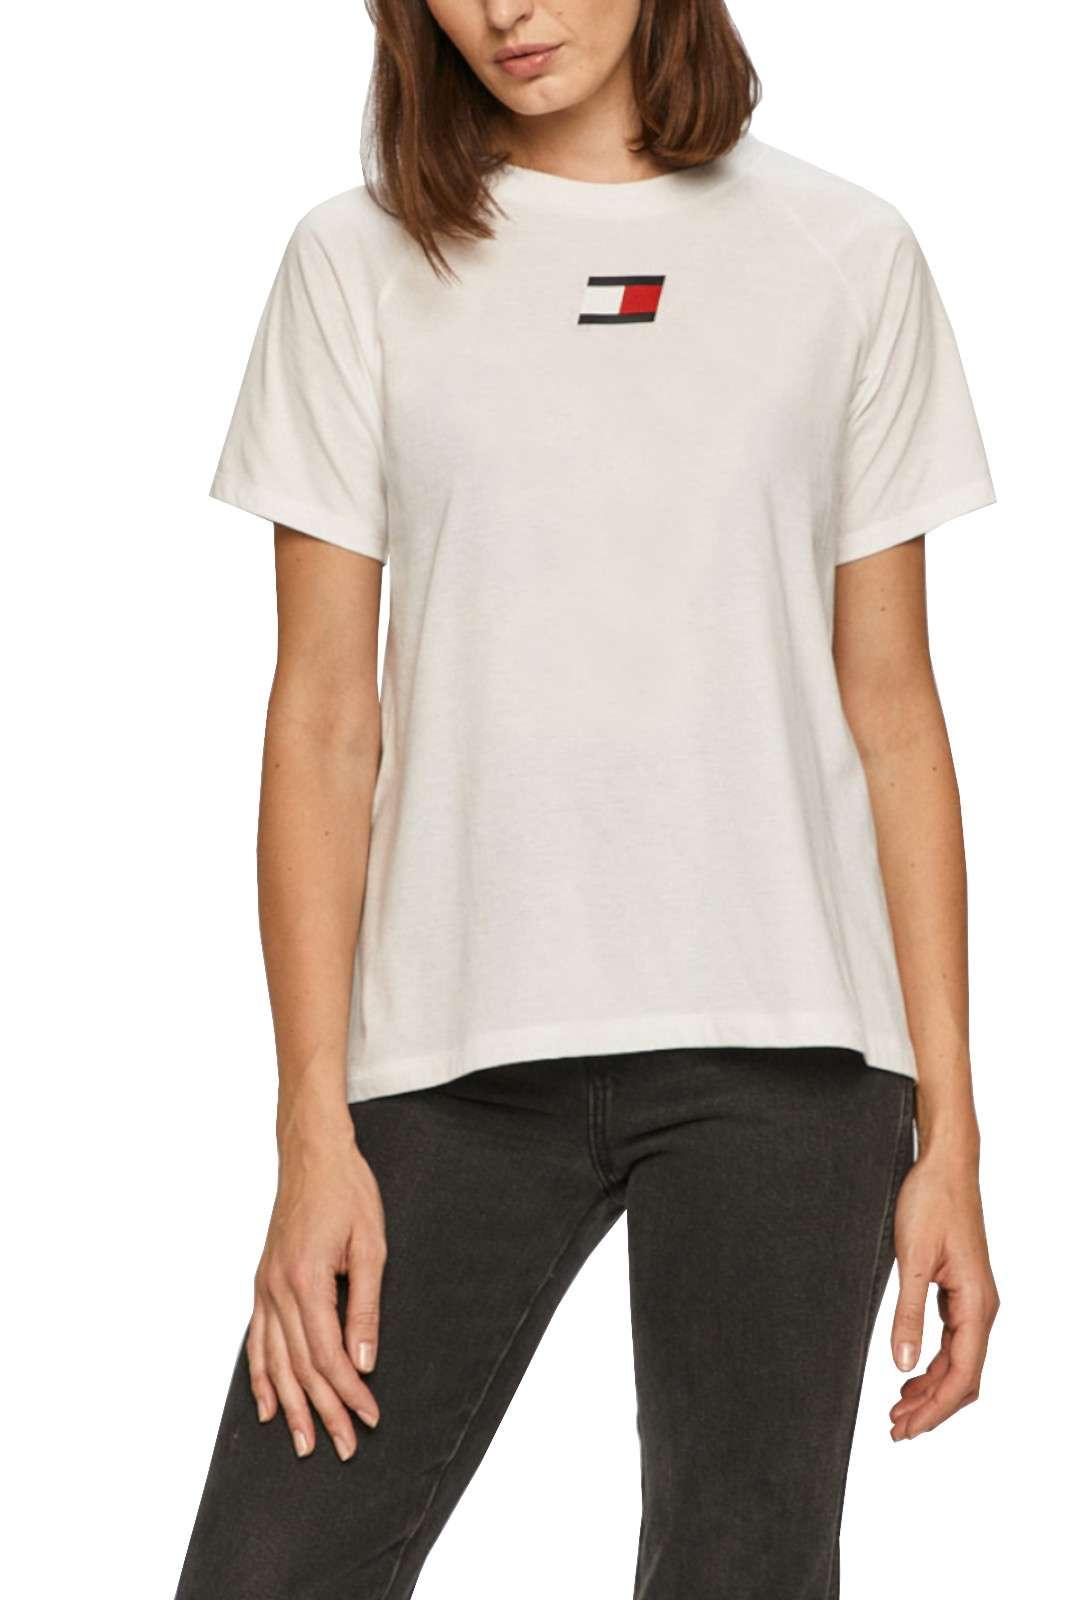 Una t shirt sportiva quella proposta dalla collezione Tommy Hilfiger. Da indossare con un look sportivo grazie alla sua comodità. Perfetta nella calde giornate estive.